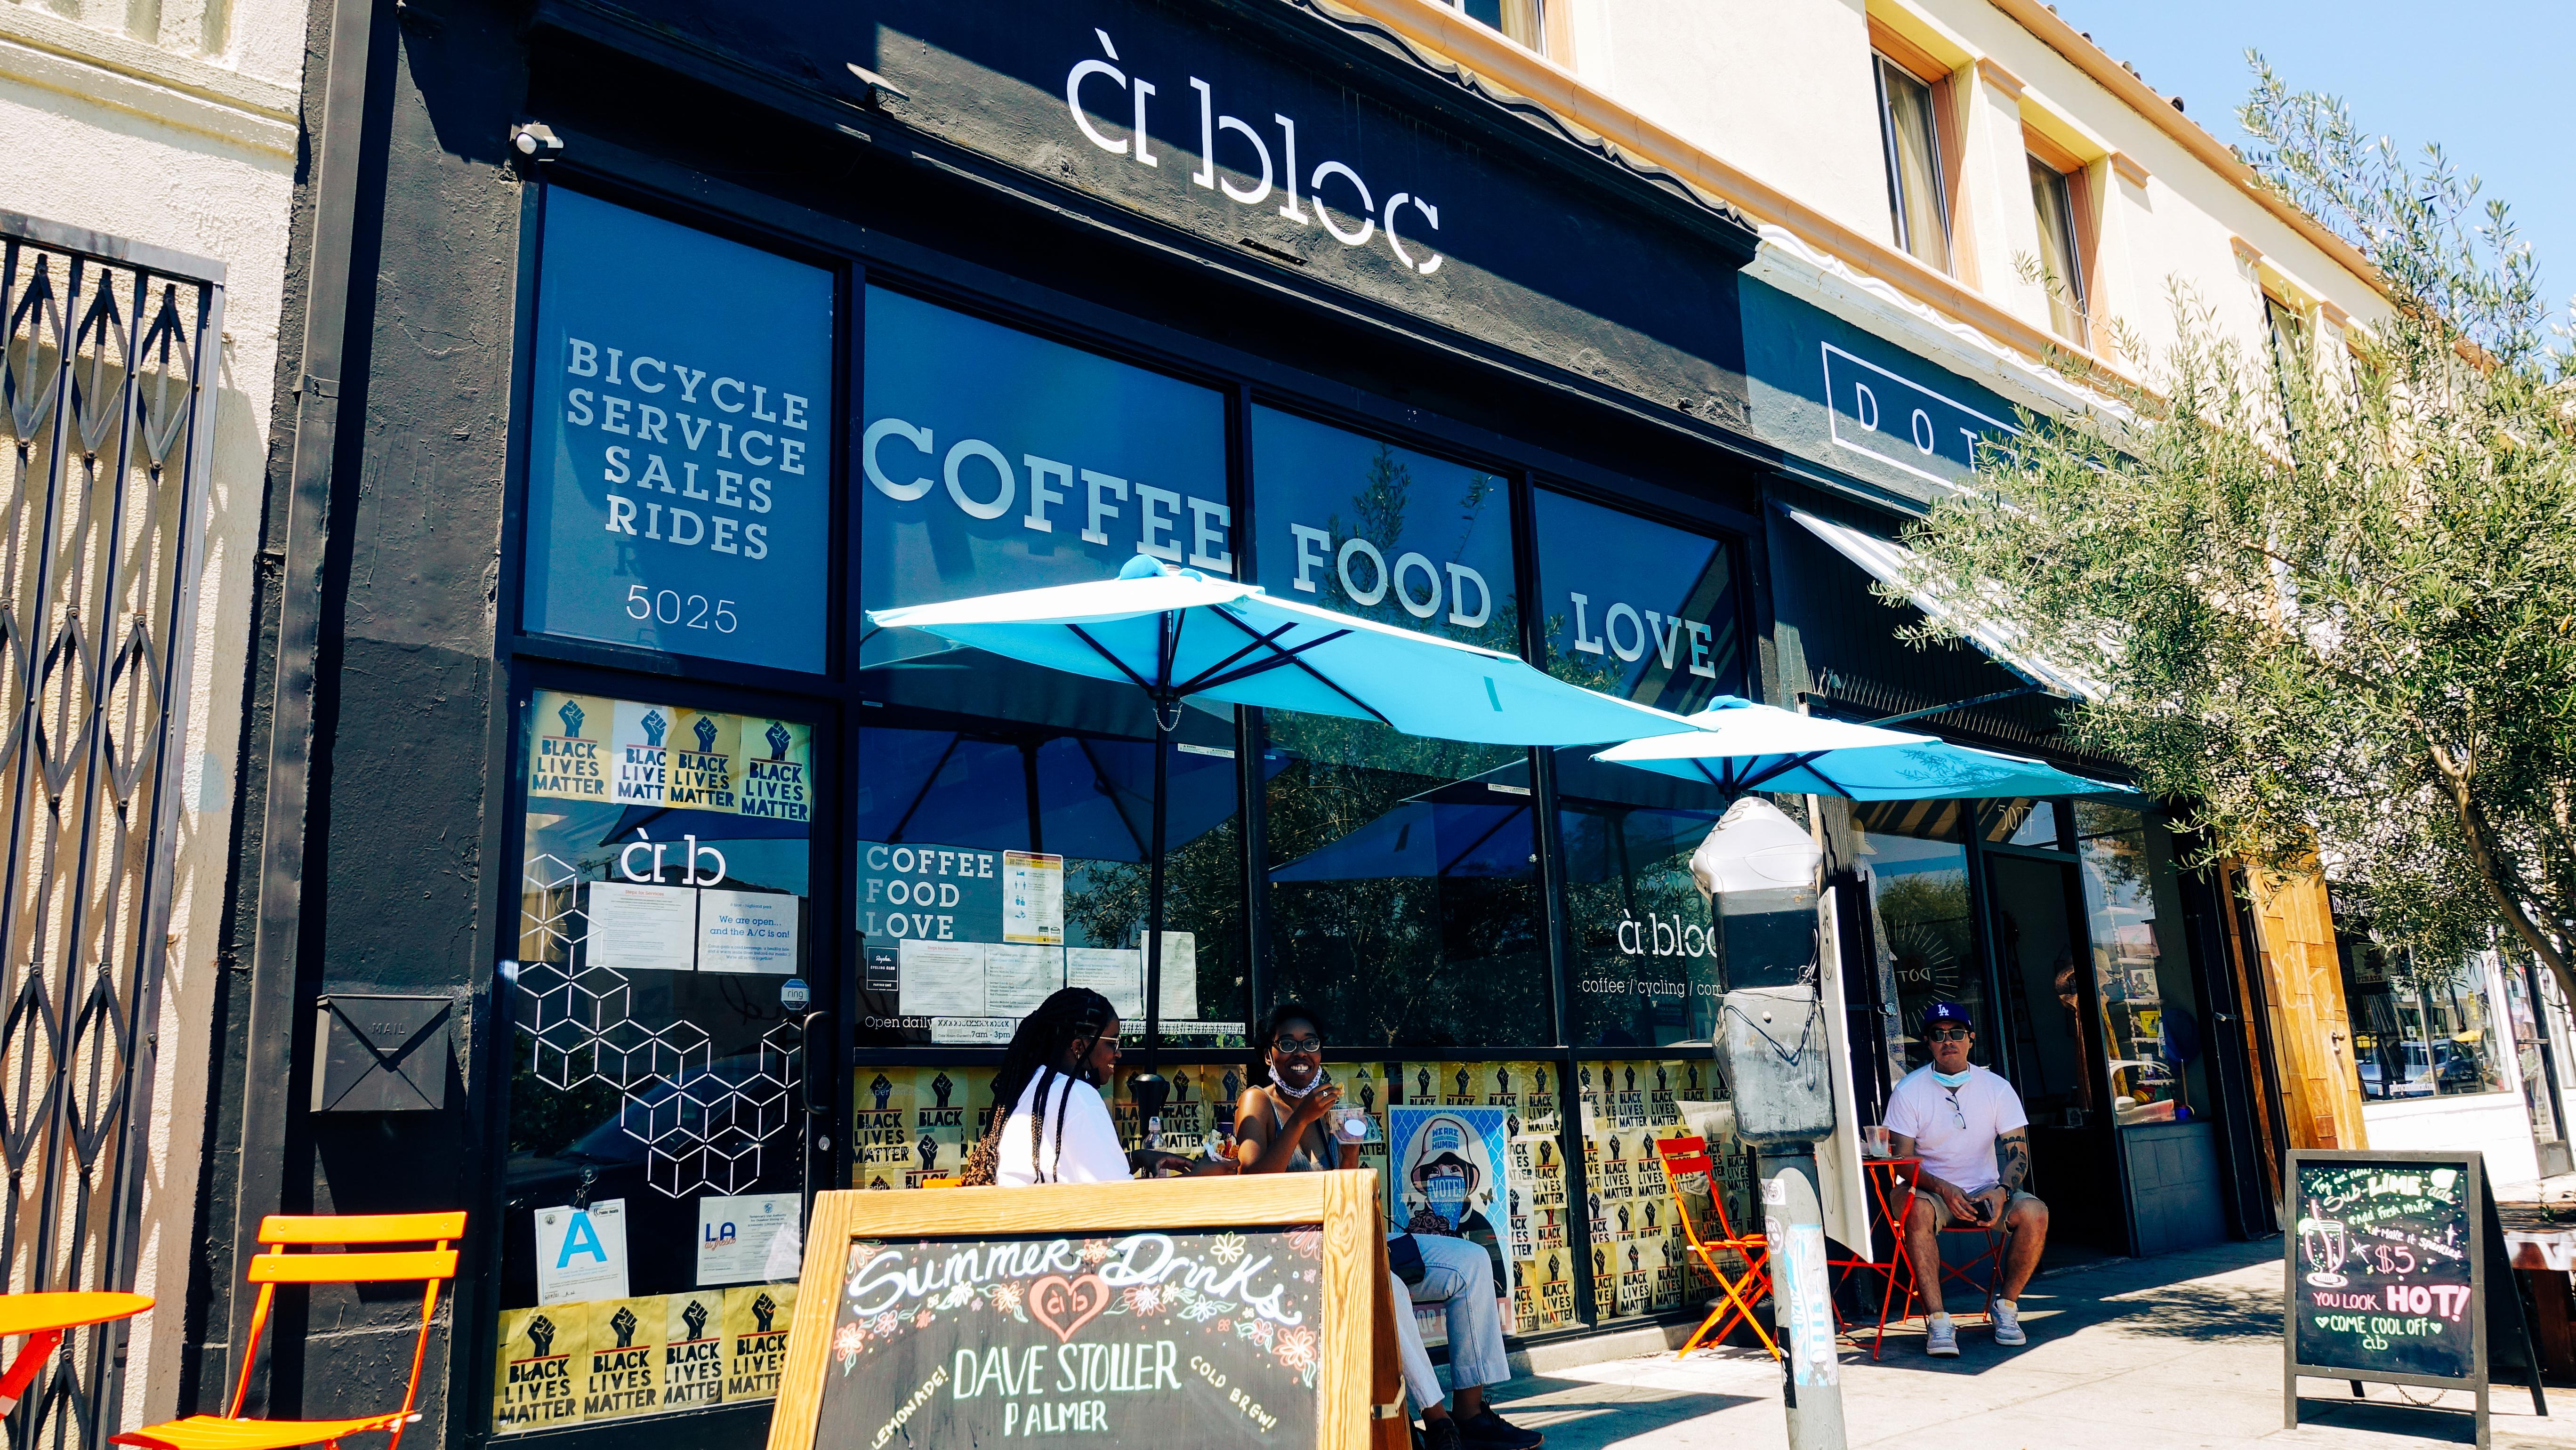 à bloc LA - coffee / food / love